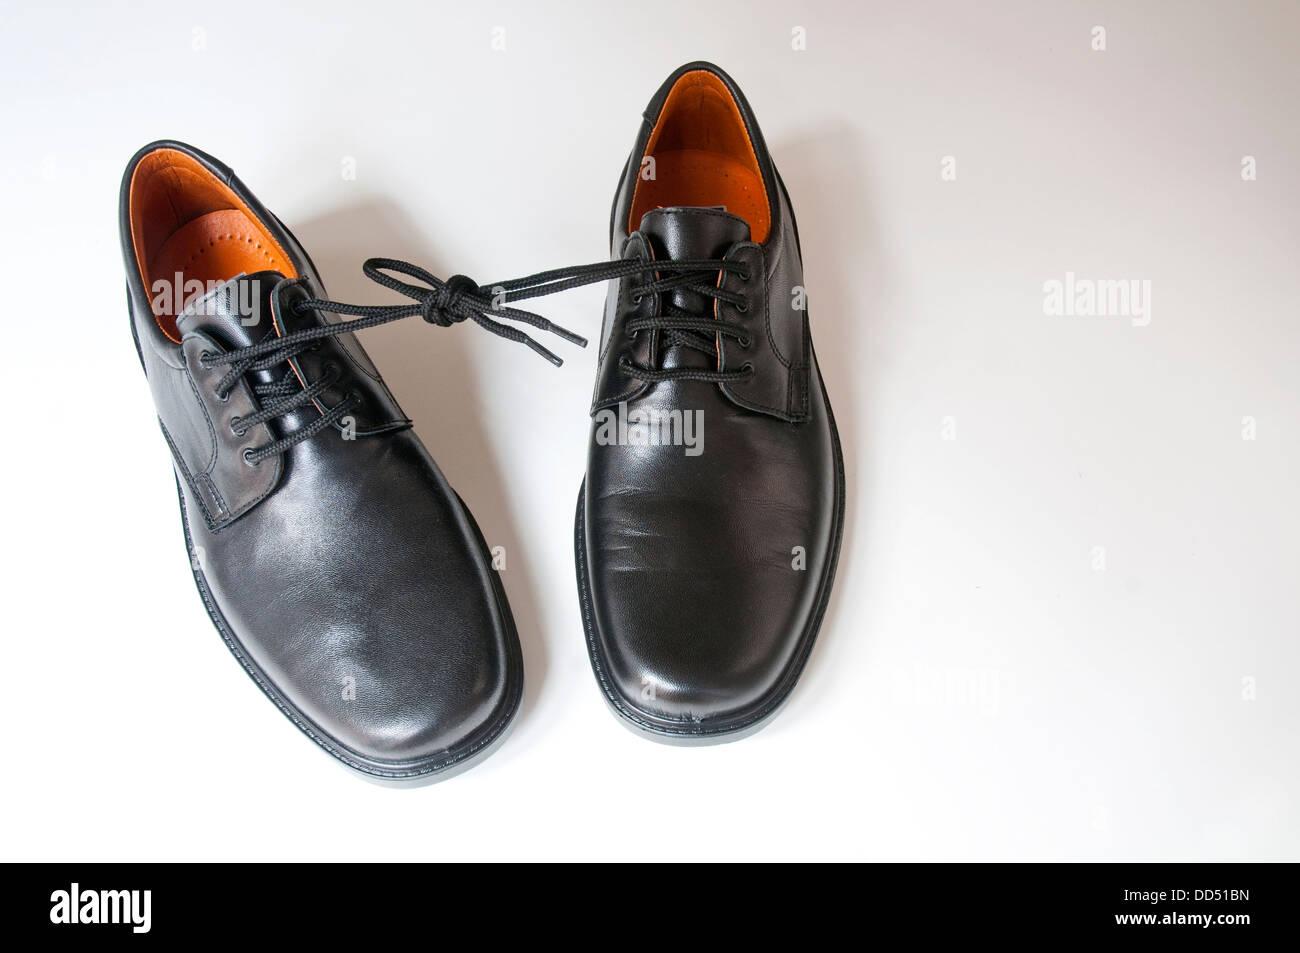 Par de zapatos con los cordones atados unos a otros. Foto de stock